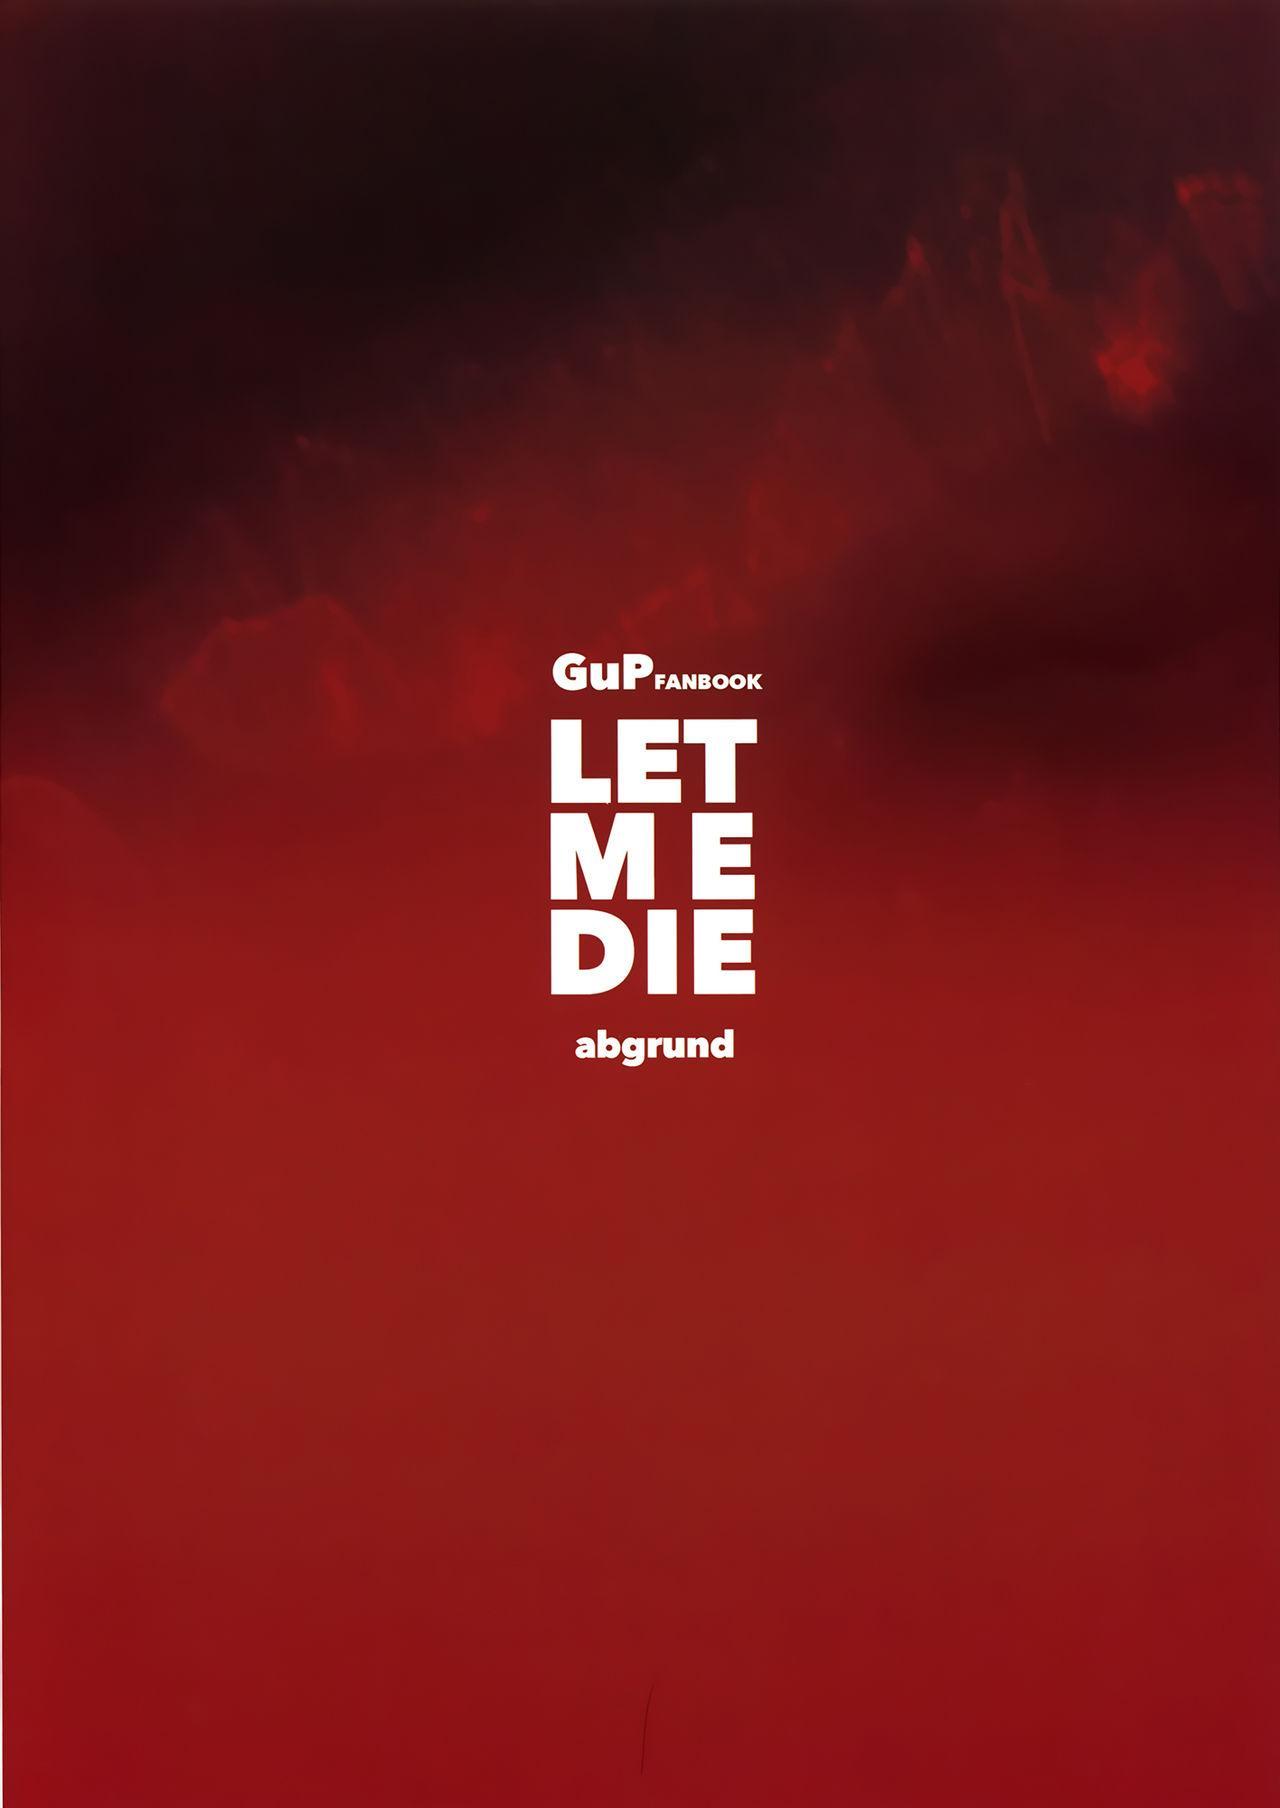 LET ME DIE 2